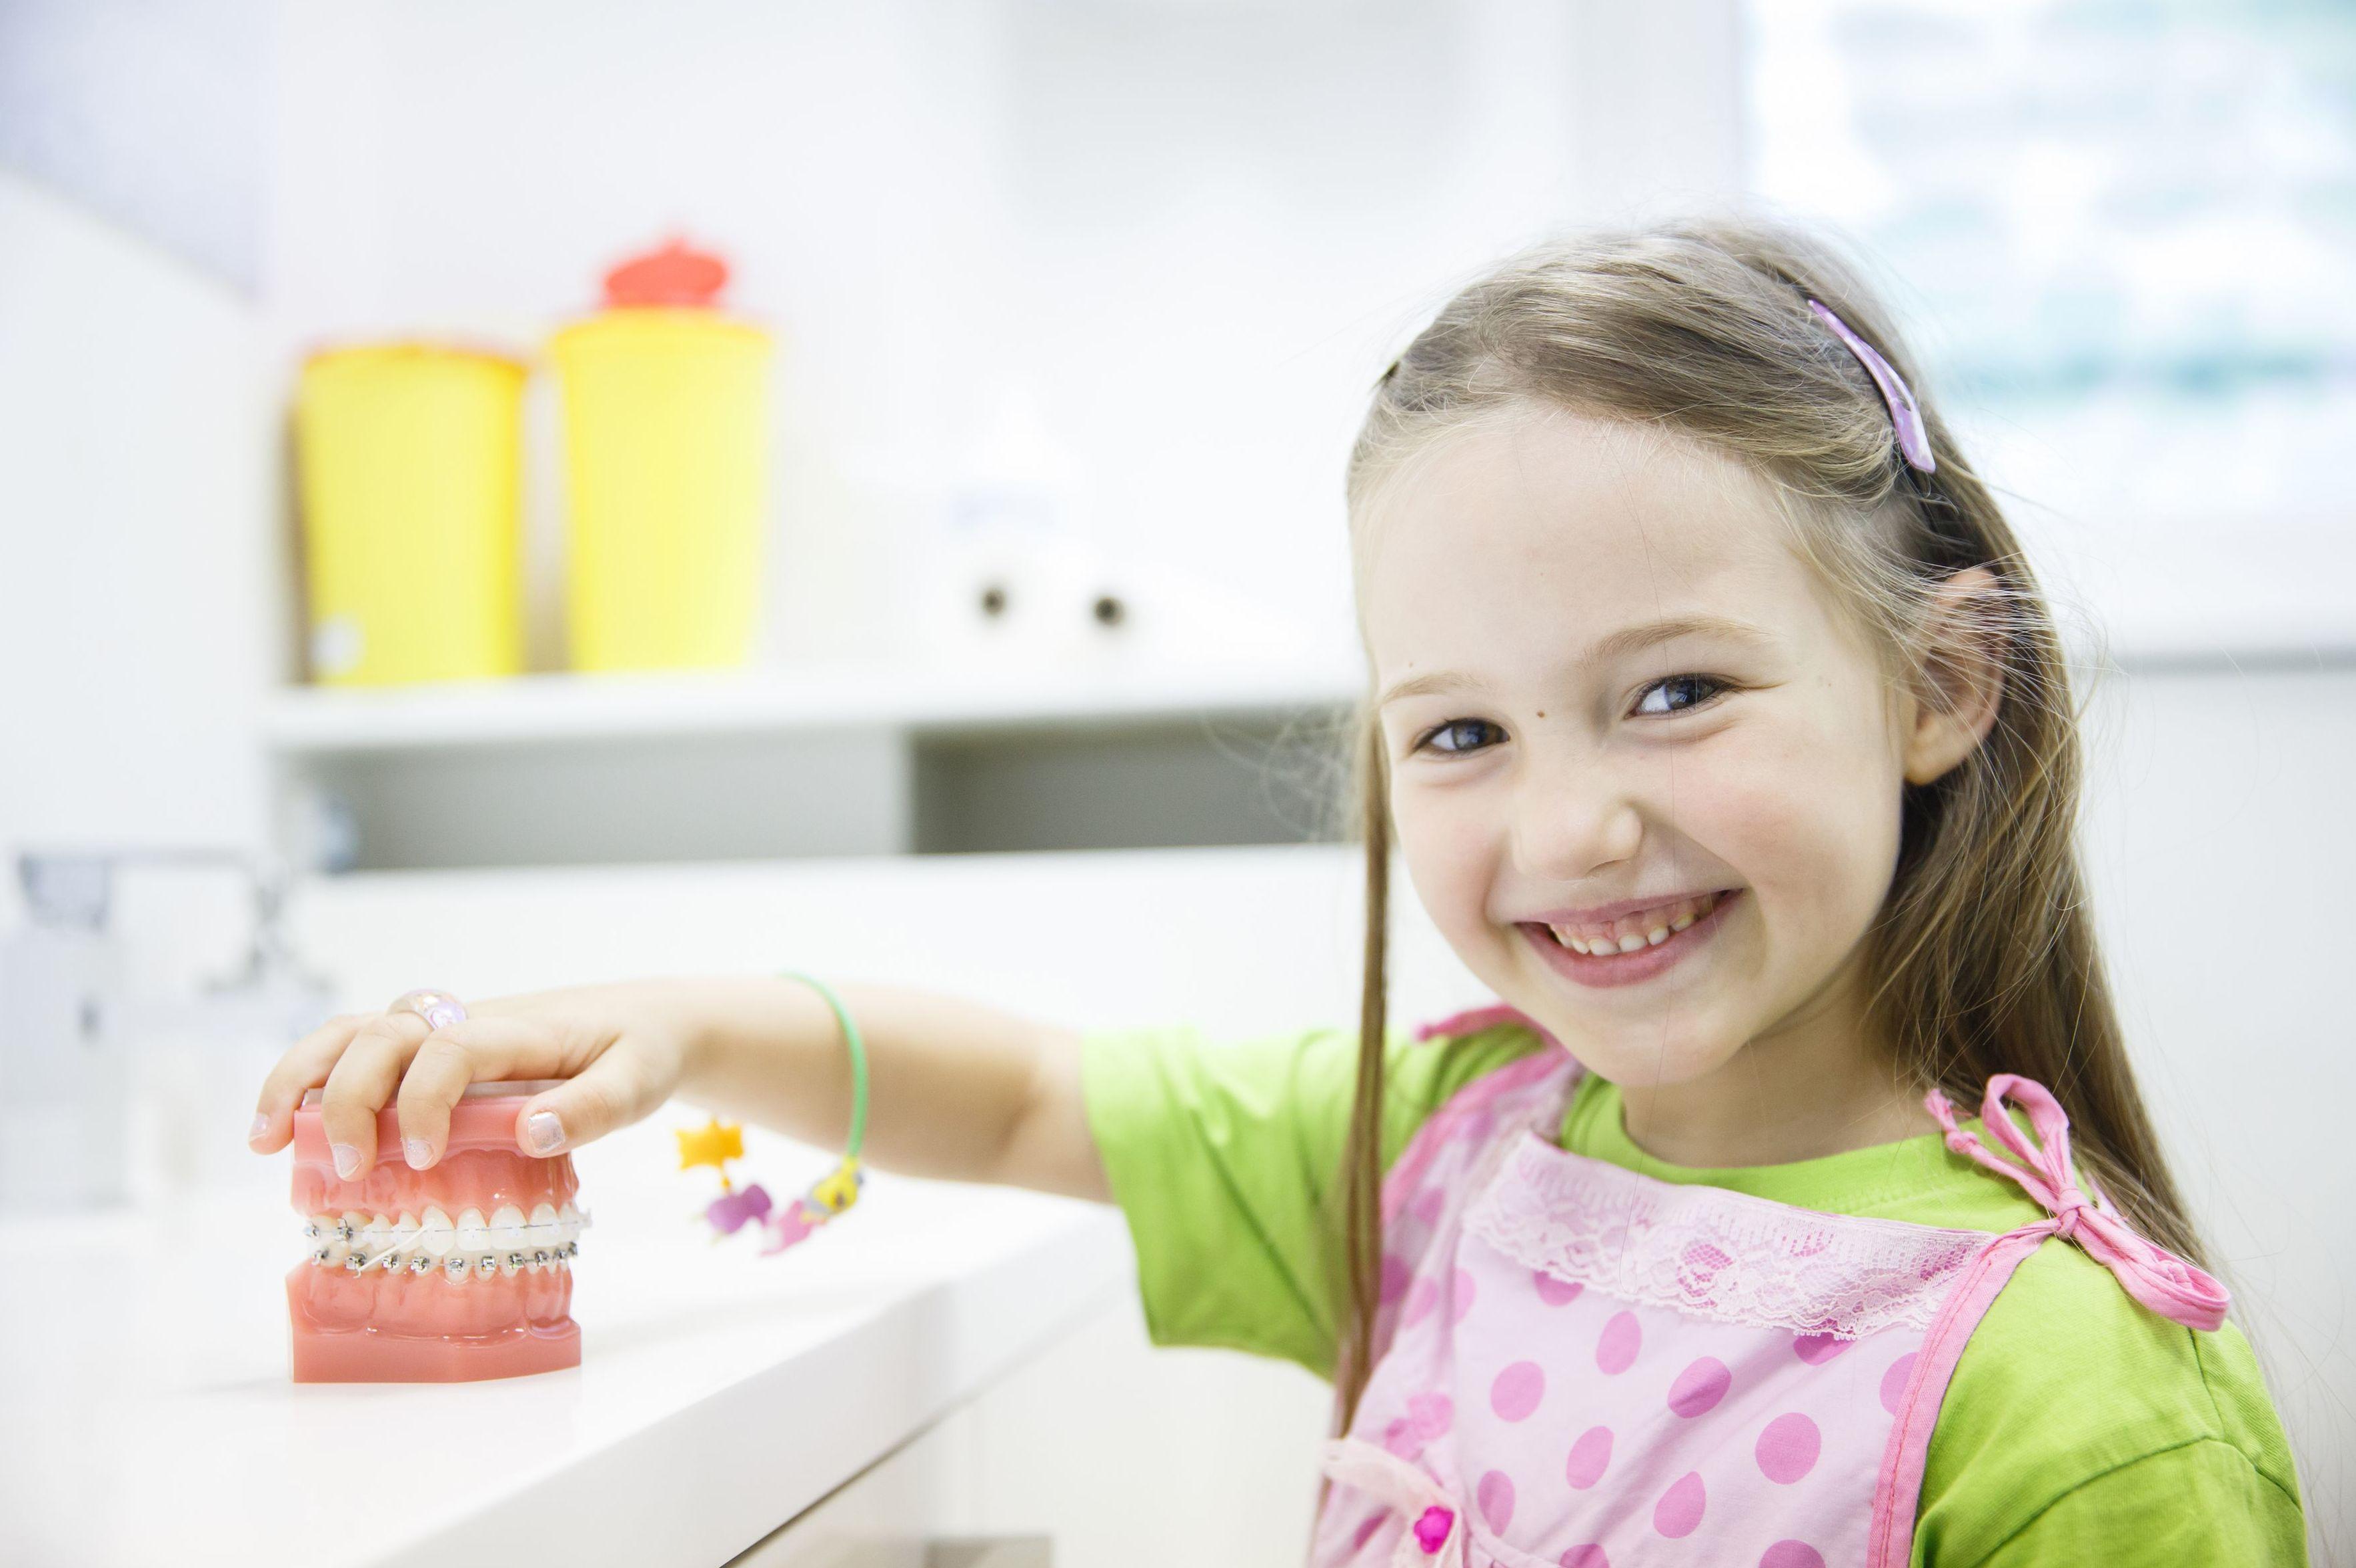 Clínica Dental Venedent, la clínica más recomendada